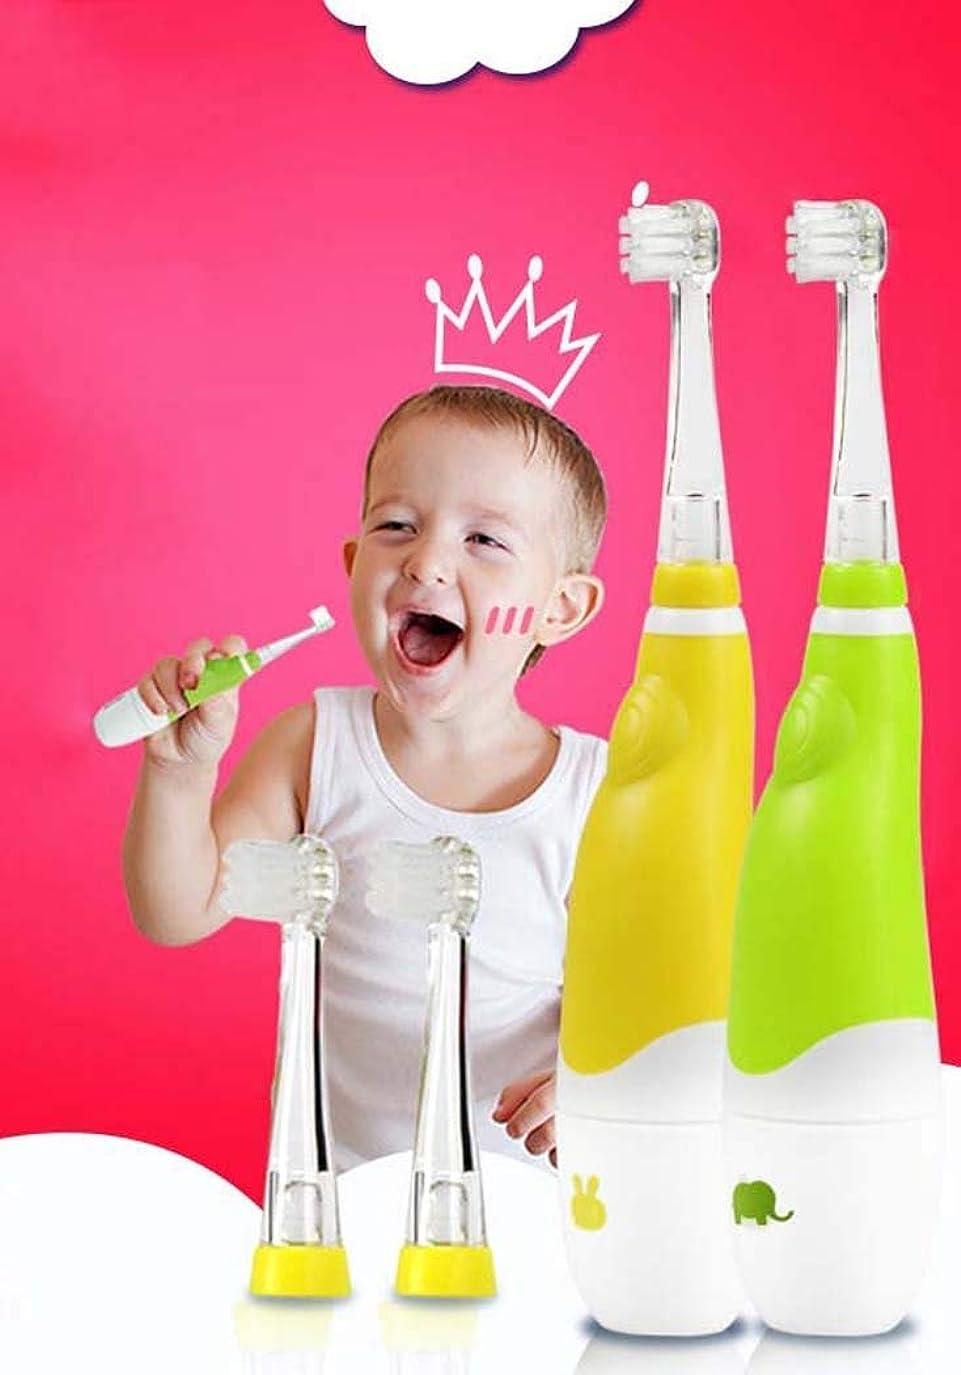 ファブリック主婦配管工子供の電動歯ブラシ、赤ちゃんの自動歯ブラシ、スマートタイマー付きミュート防水電動歯ブラシ、0?4歳、乾電池(カラー:グリーン)